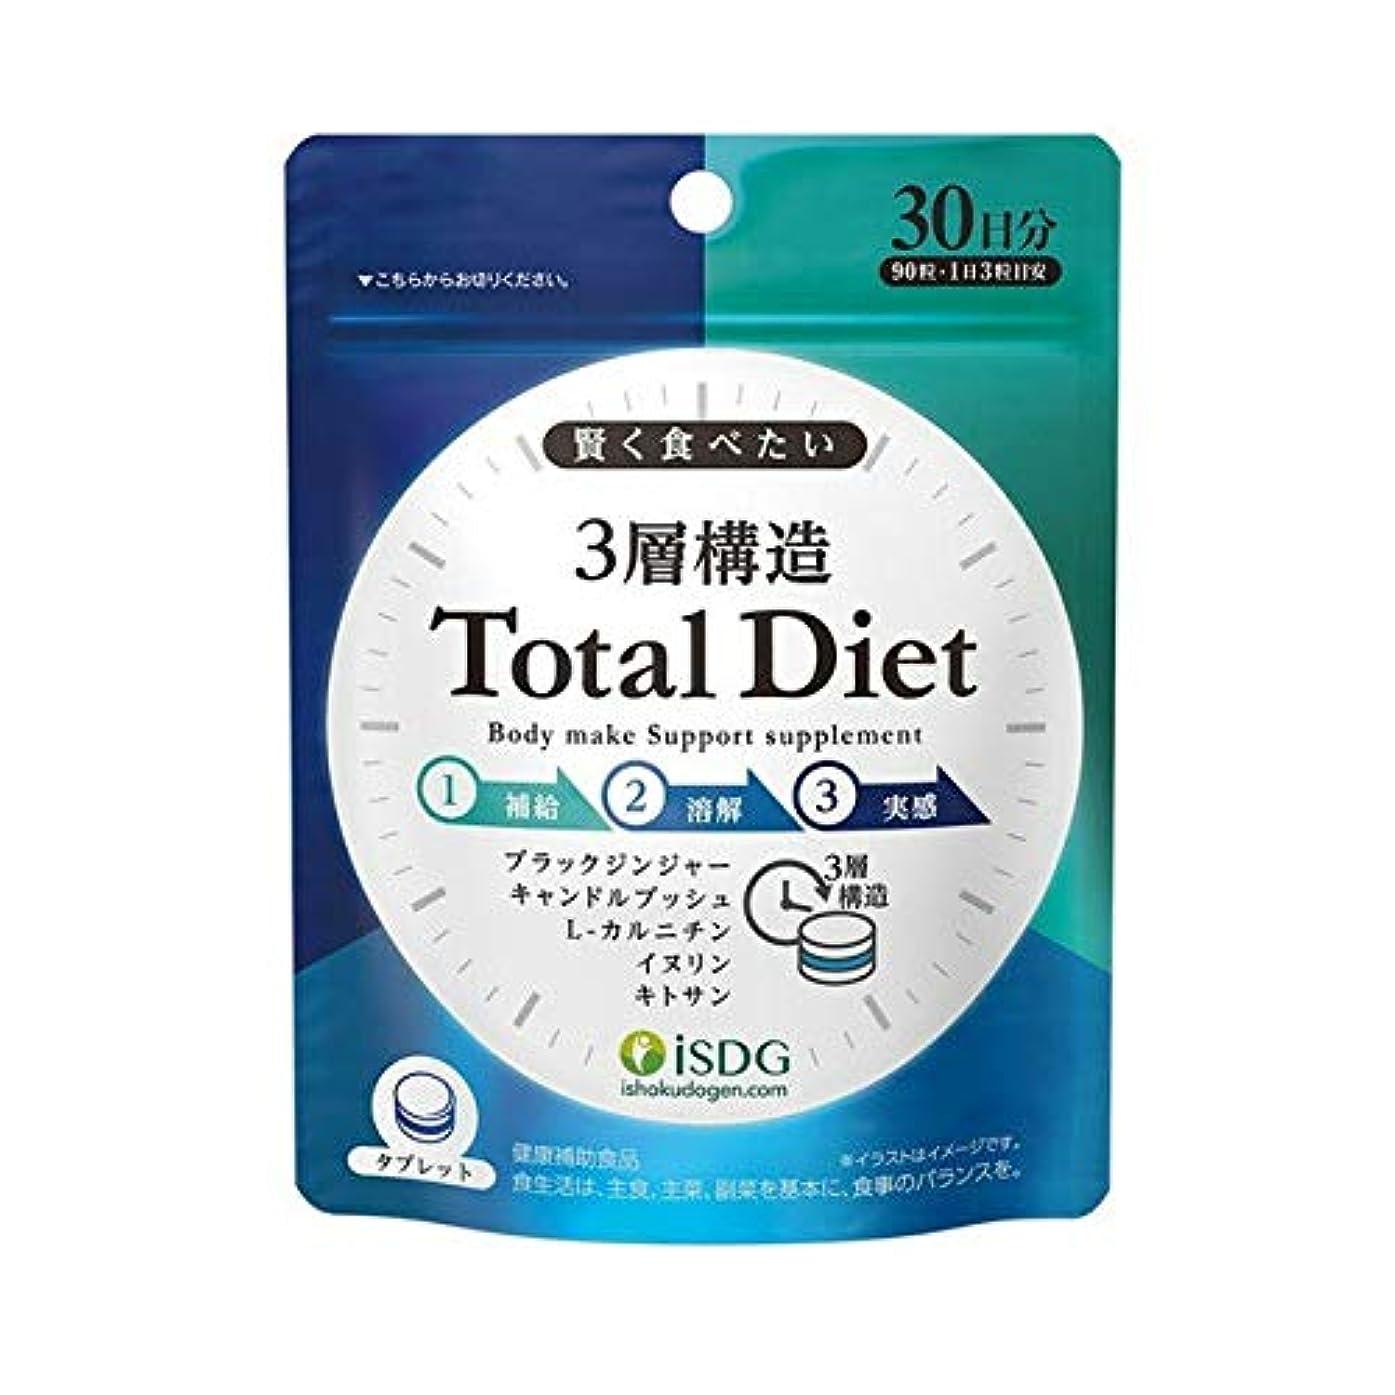 後退する叙情的なちなみに医食同源ドットコム ISDG 3層構造 Total Diet 90粒入 トータル ダイエット×10個セット